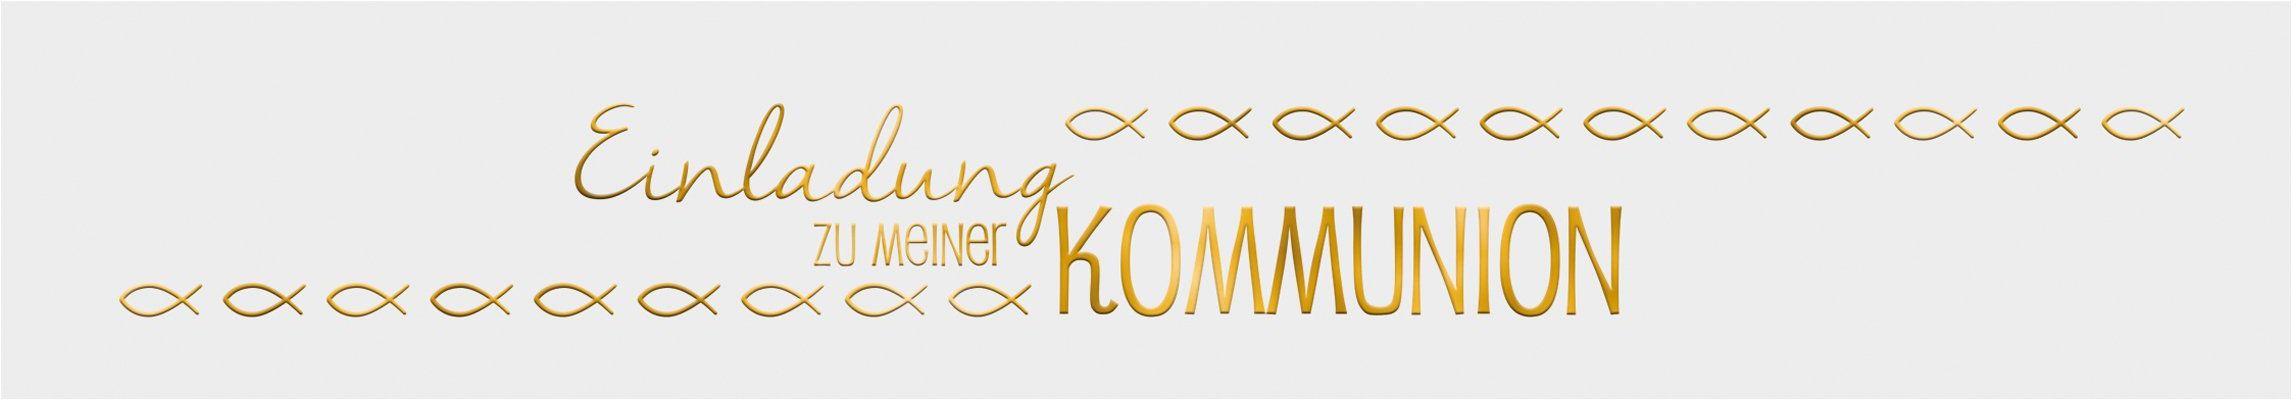 Ursus 57590010 - banderole, zaproszenie na komunię, 5 sztuk, biały/złoty